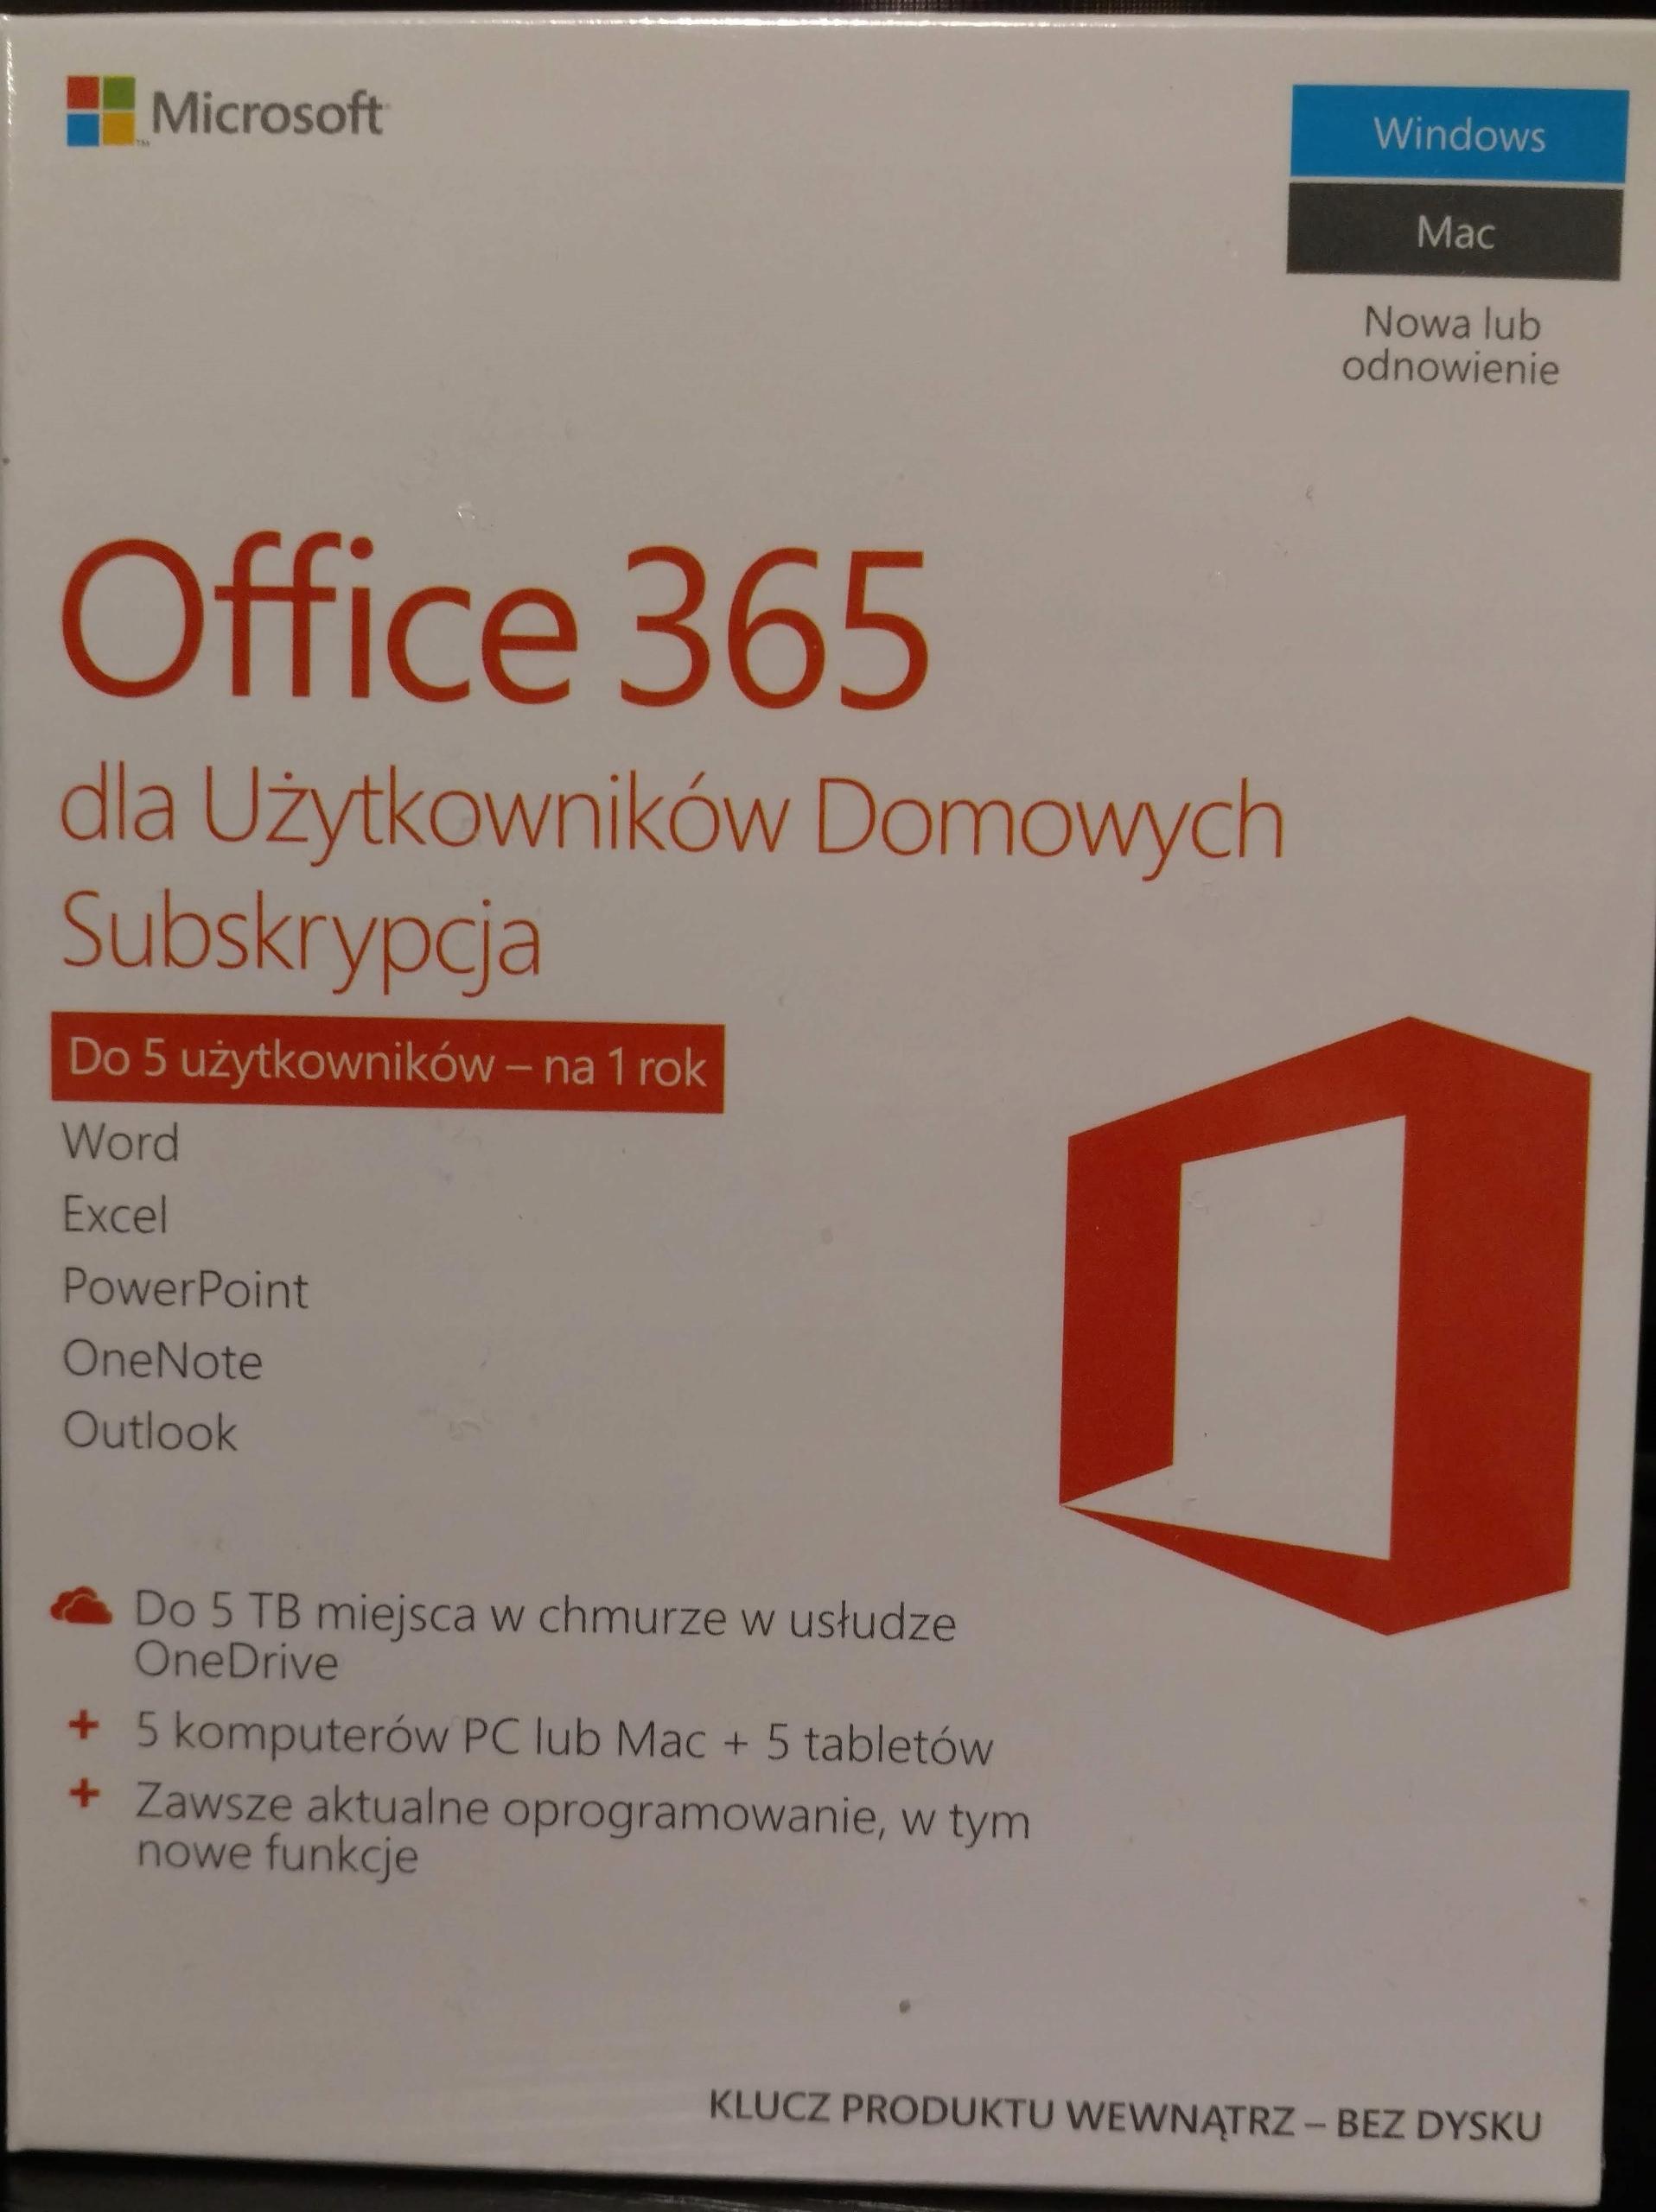 Microsoft Office 365 Home 5 użytkowników / 1 rok